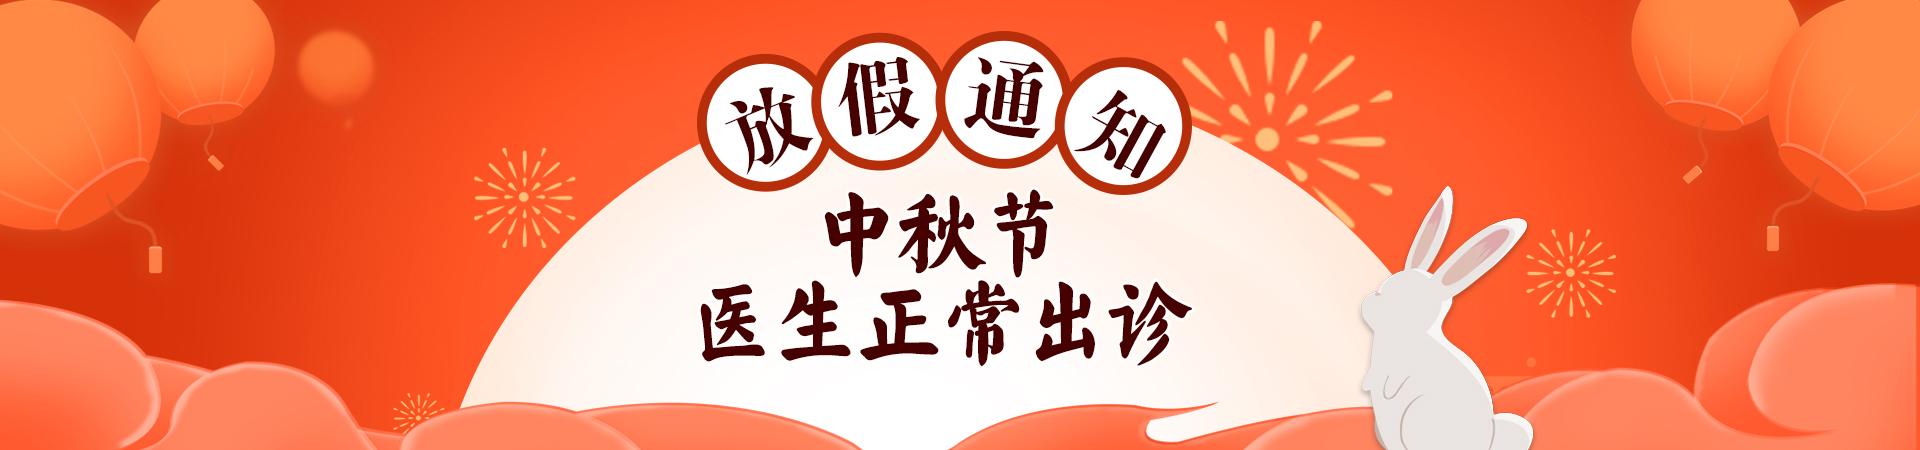 深圳华厦眼科:中秋节,医生正常出诊